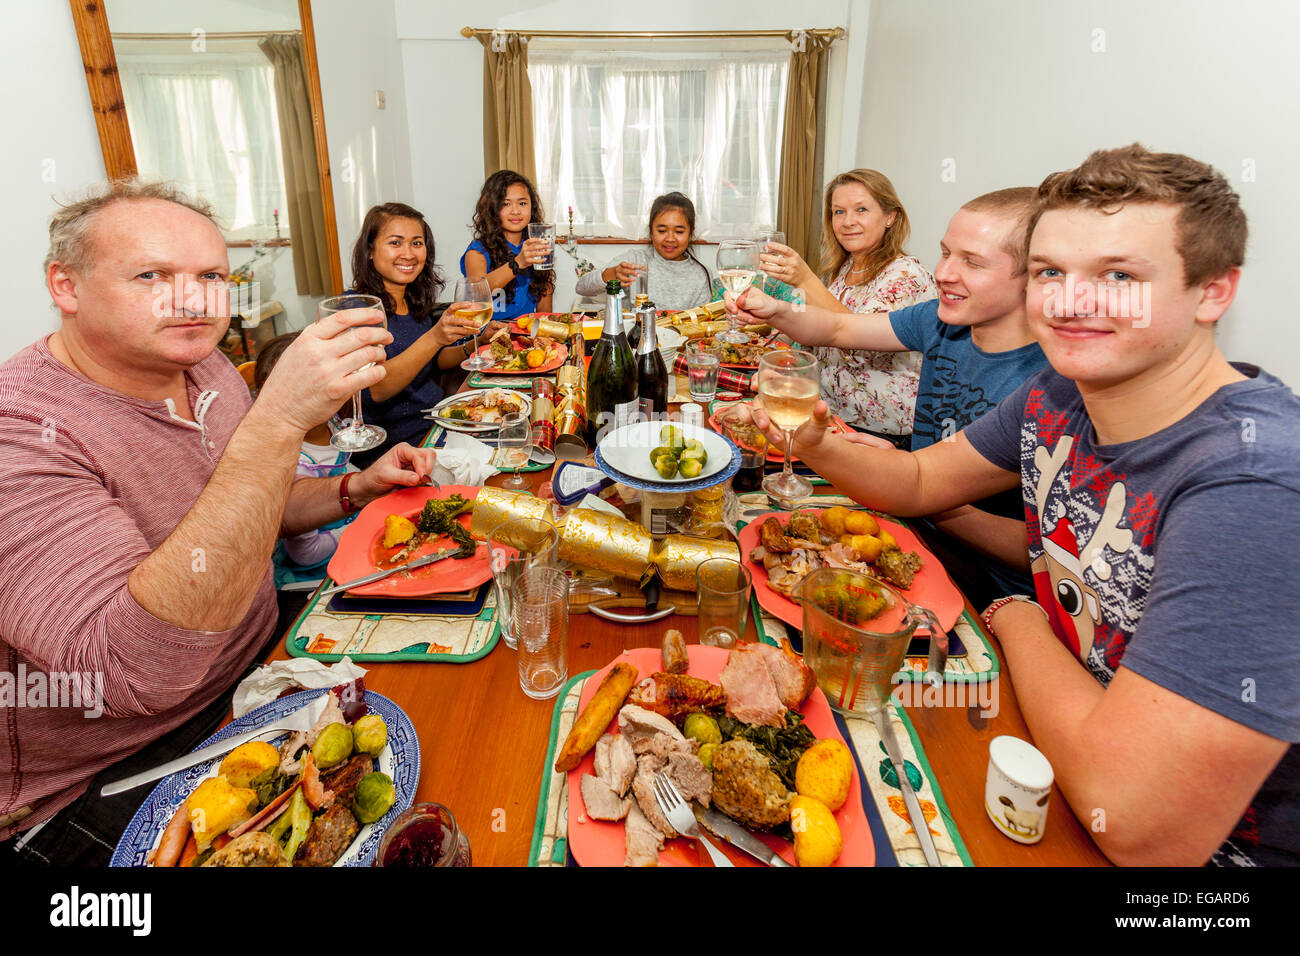 Una razza mista famiglia godendo il pranzo di Natale, Sussex, Inghilterra Immagini Stock